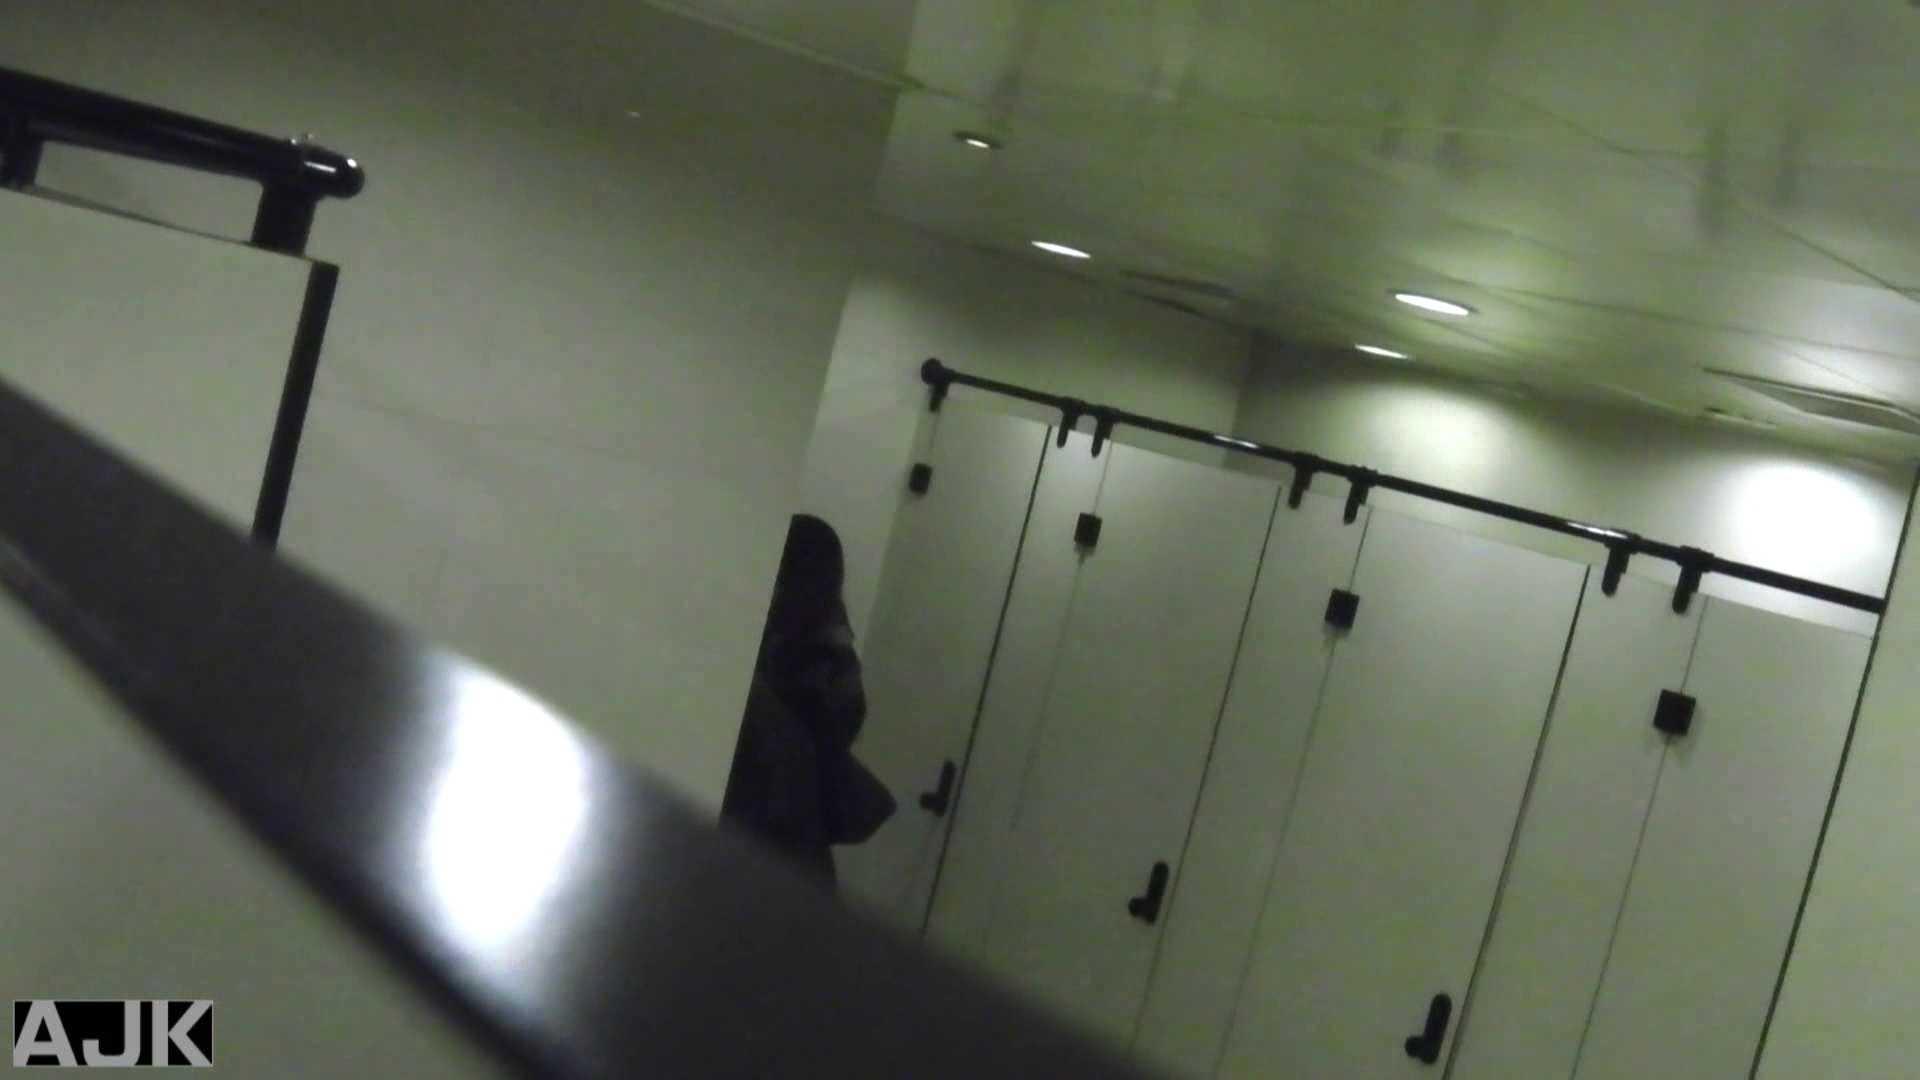 隣国上階級エリアの令嬢たちが集うデパートお手洗い Vol.14 お嬢様のエロ動画 性交動画流出 96枚 7